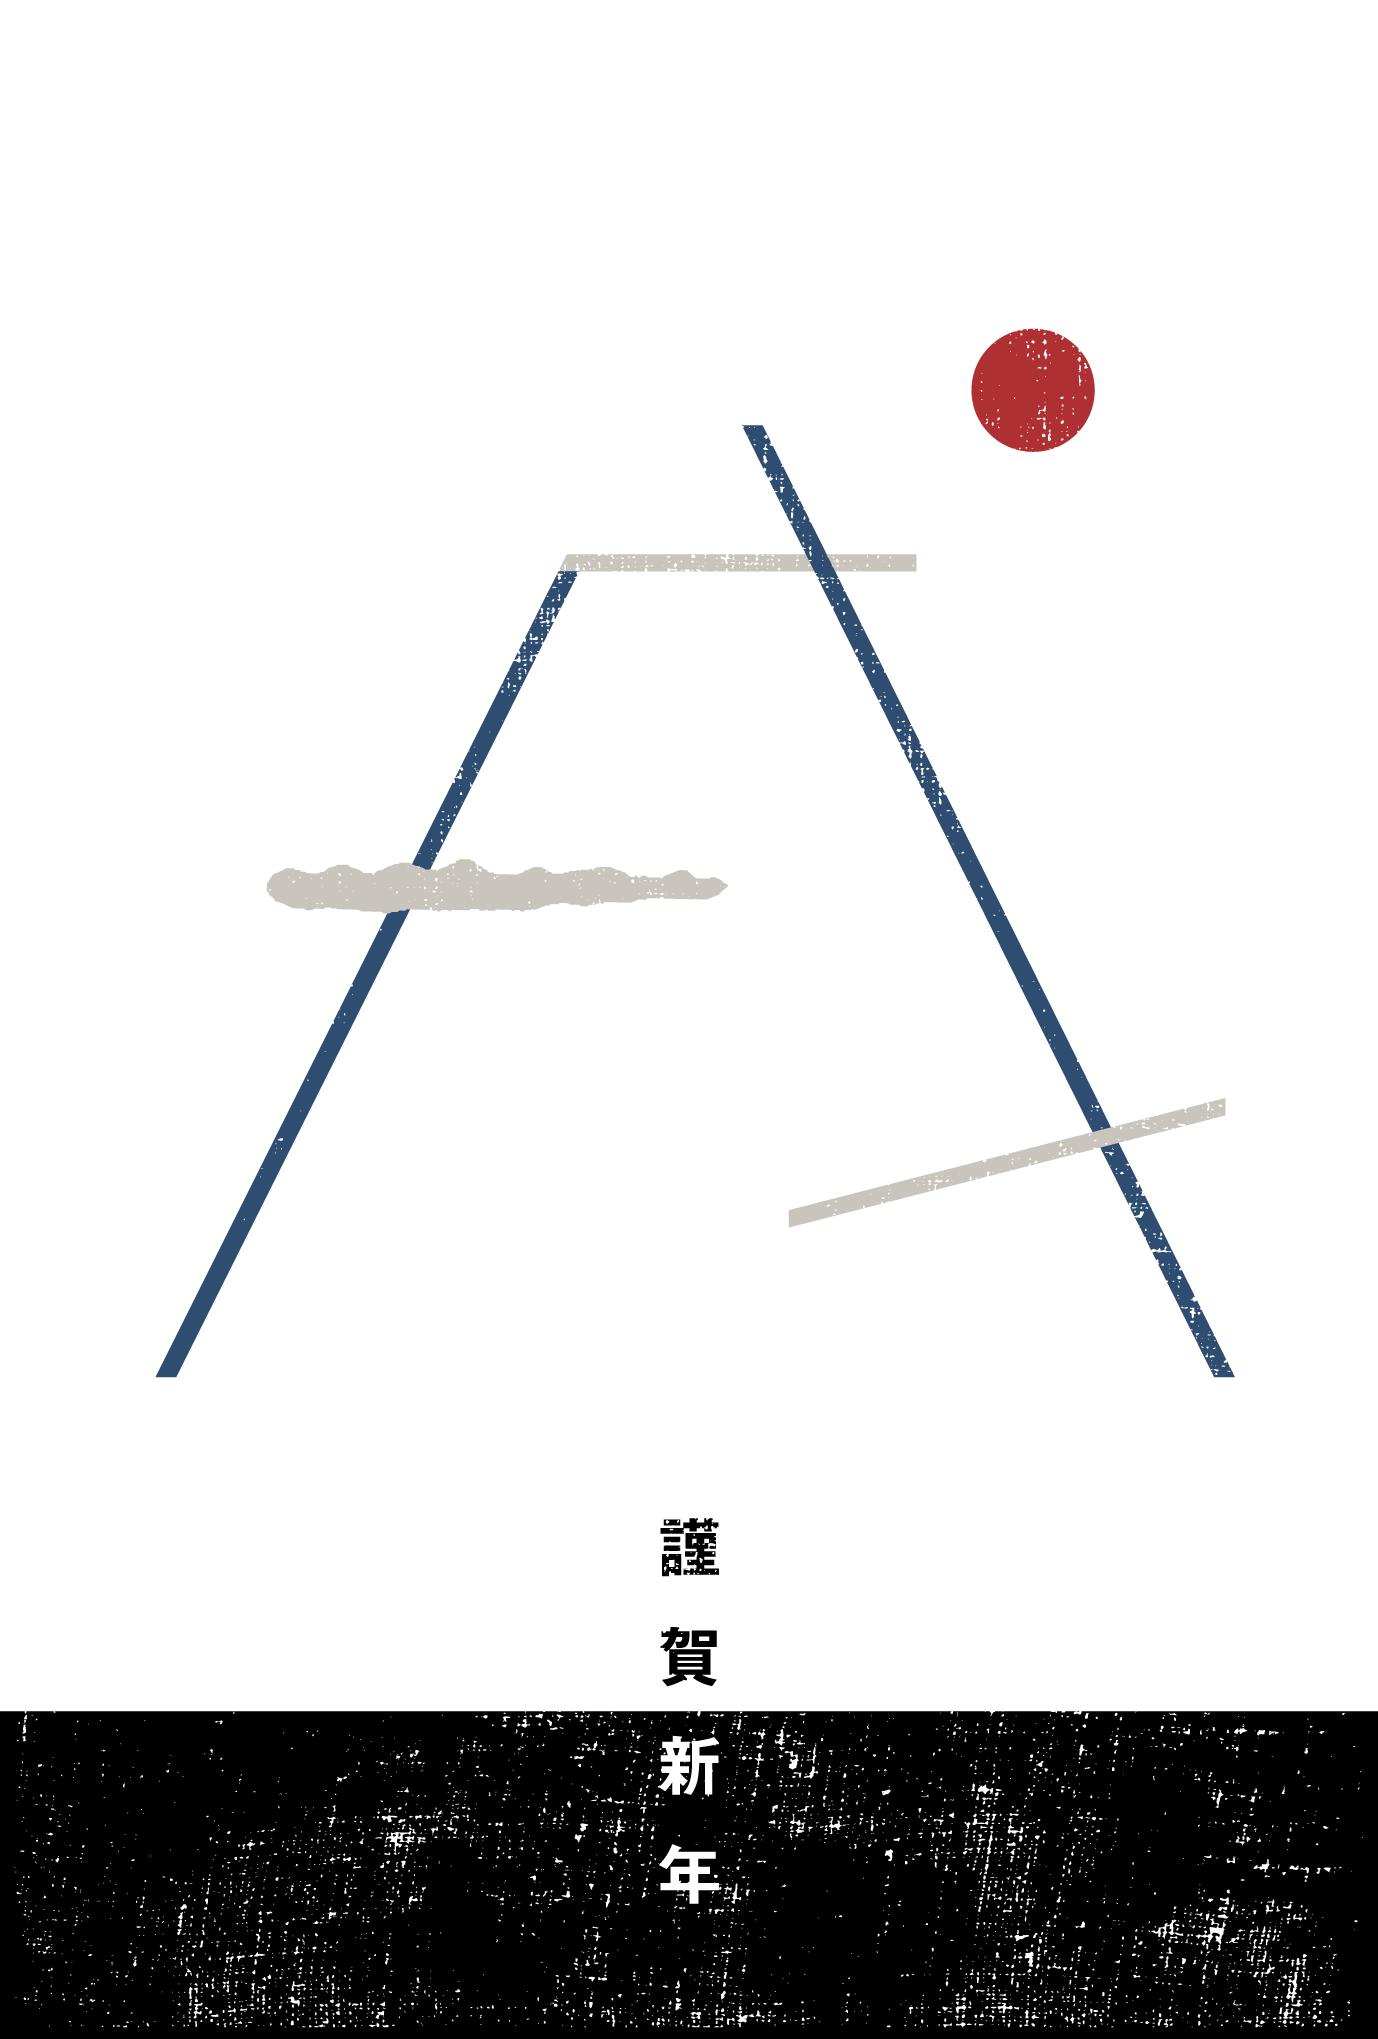 2018年賀状15-1:Mt.戌 / 1のダウンロード画像